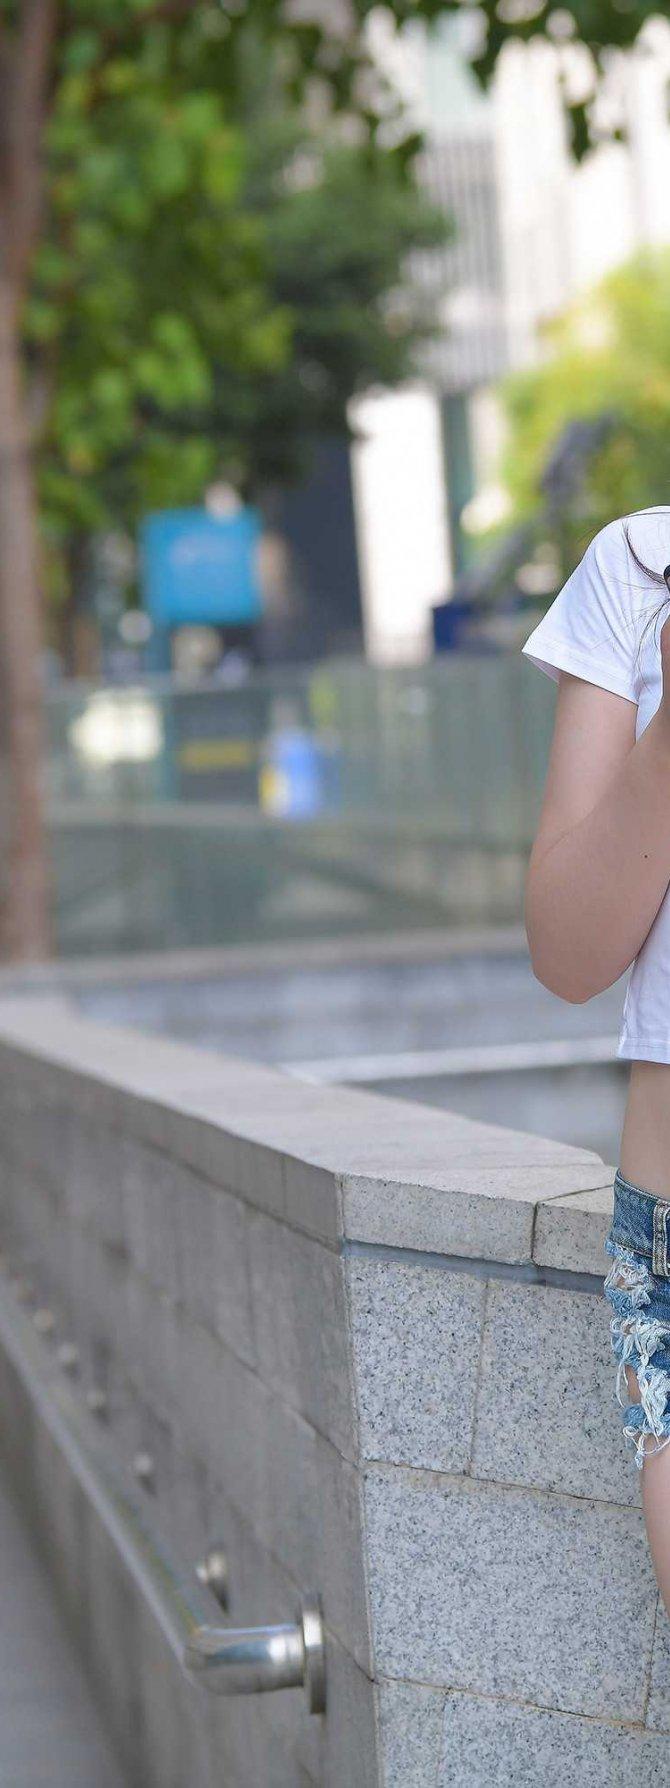 [3P]208.热裤长腿美女